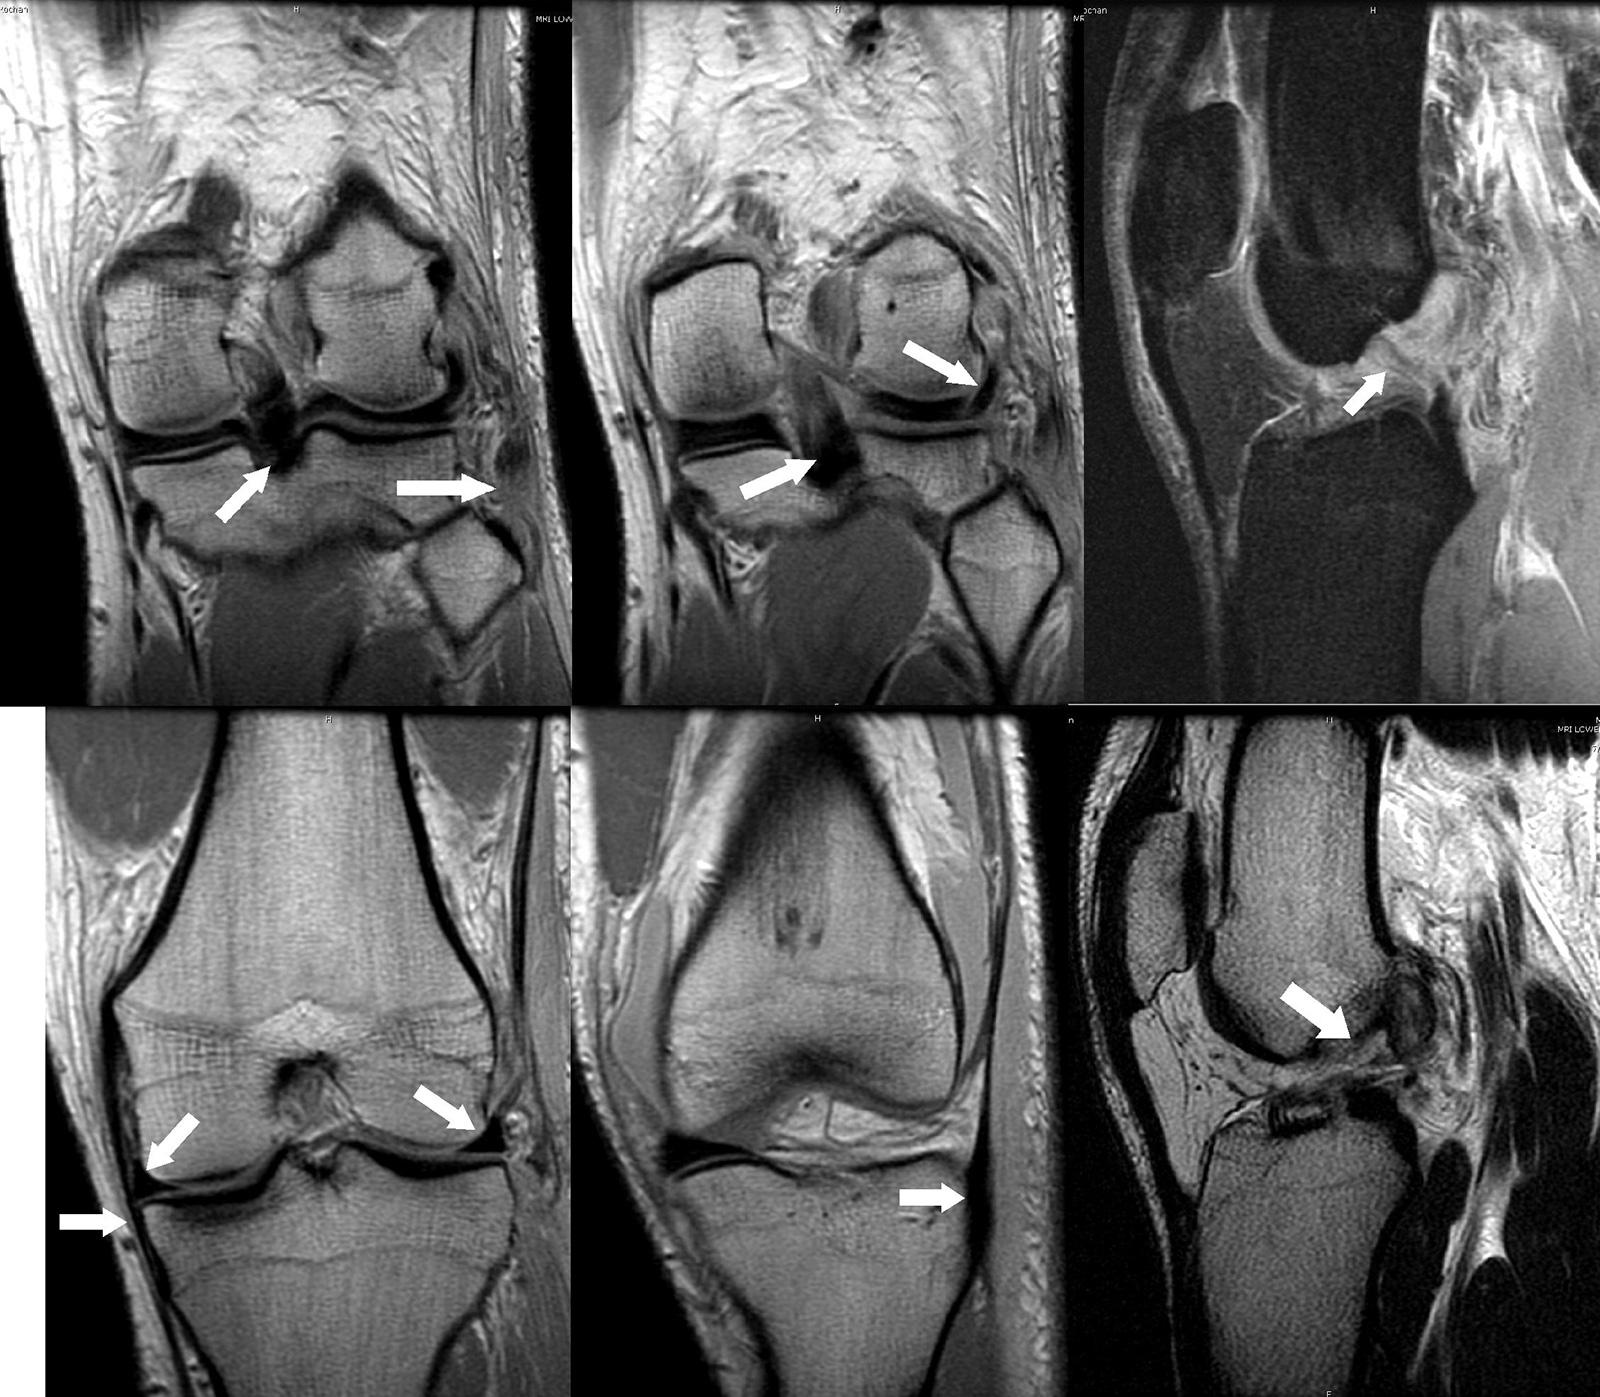 Abb. 2-47: MRT zur Beurteilung der Weichteilverletzung nach Knietrauma: intakter Ansatz des hinteren Kreuzbands und partielle Ruptur des Ansatzes der Bicepssehne und des Kollateralbandes (A), intakter Ansatz des hinteren Kreuzbandes und Verlauf der Poplit